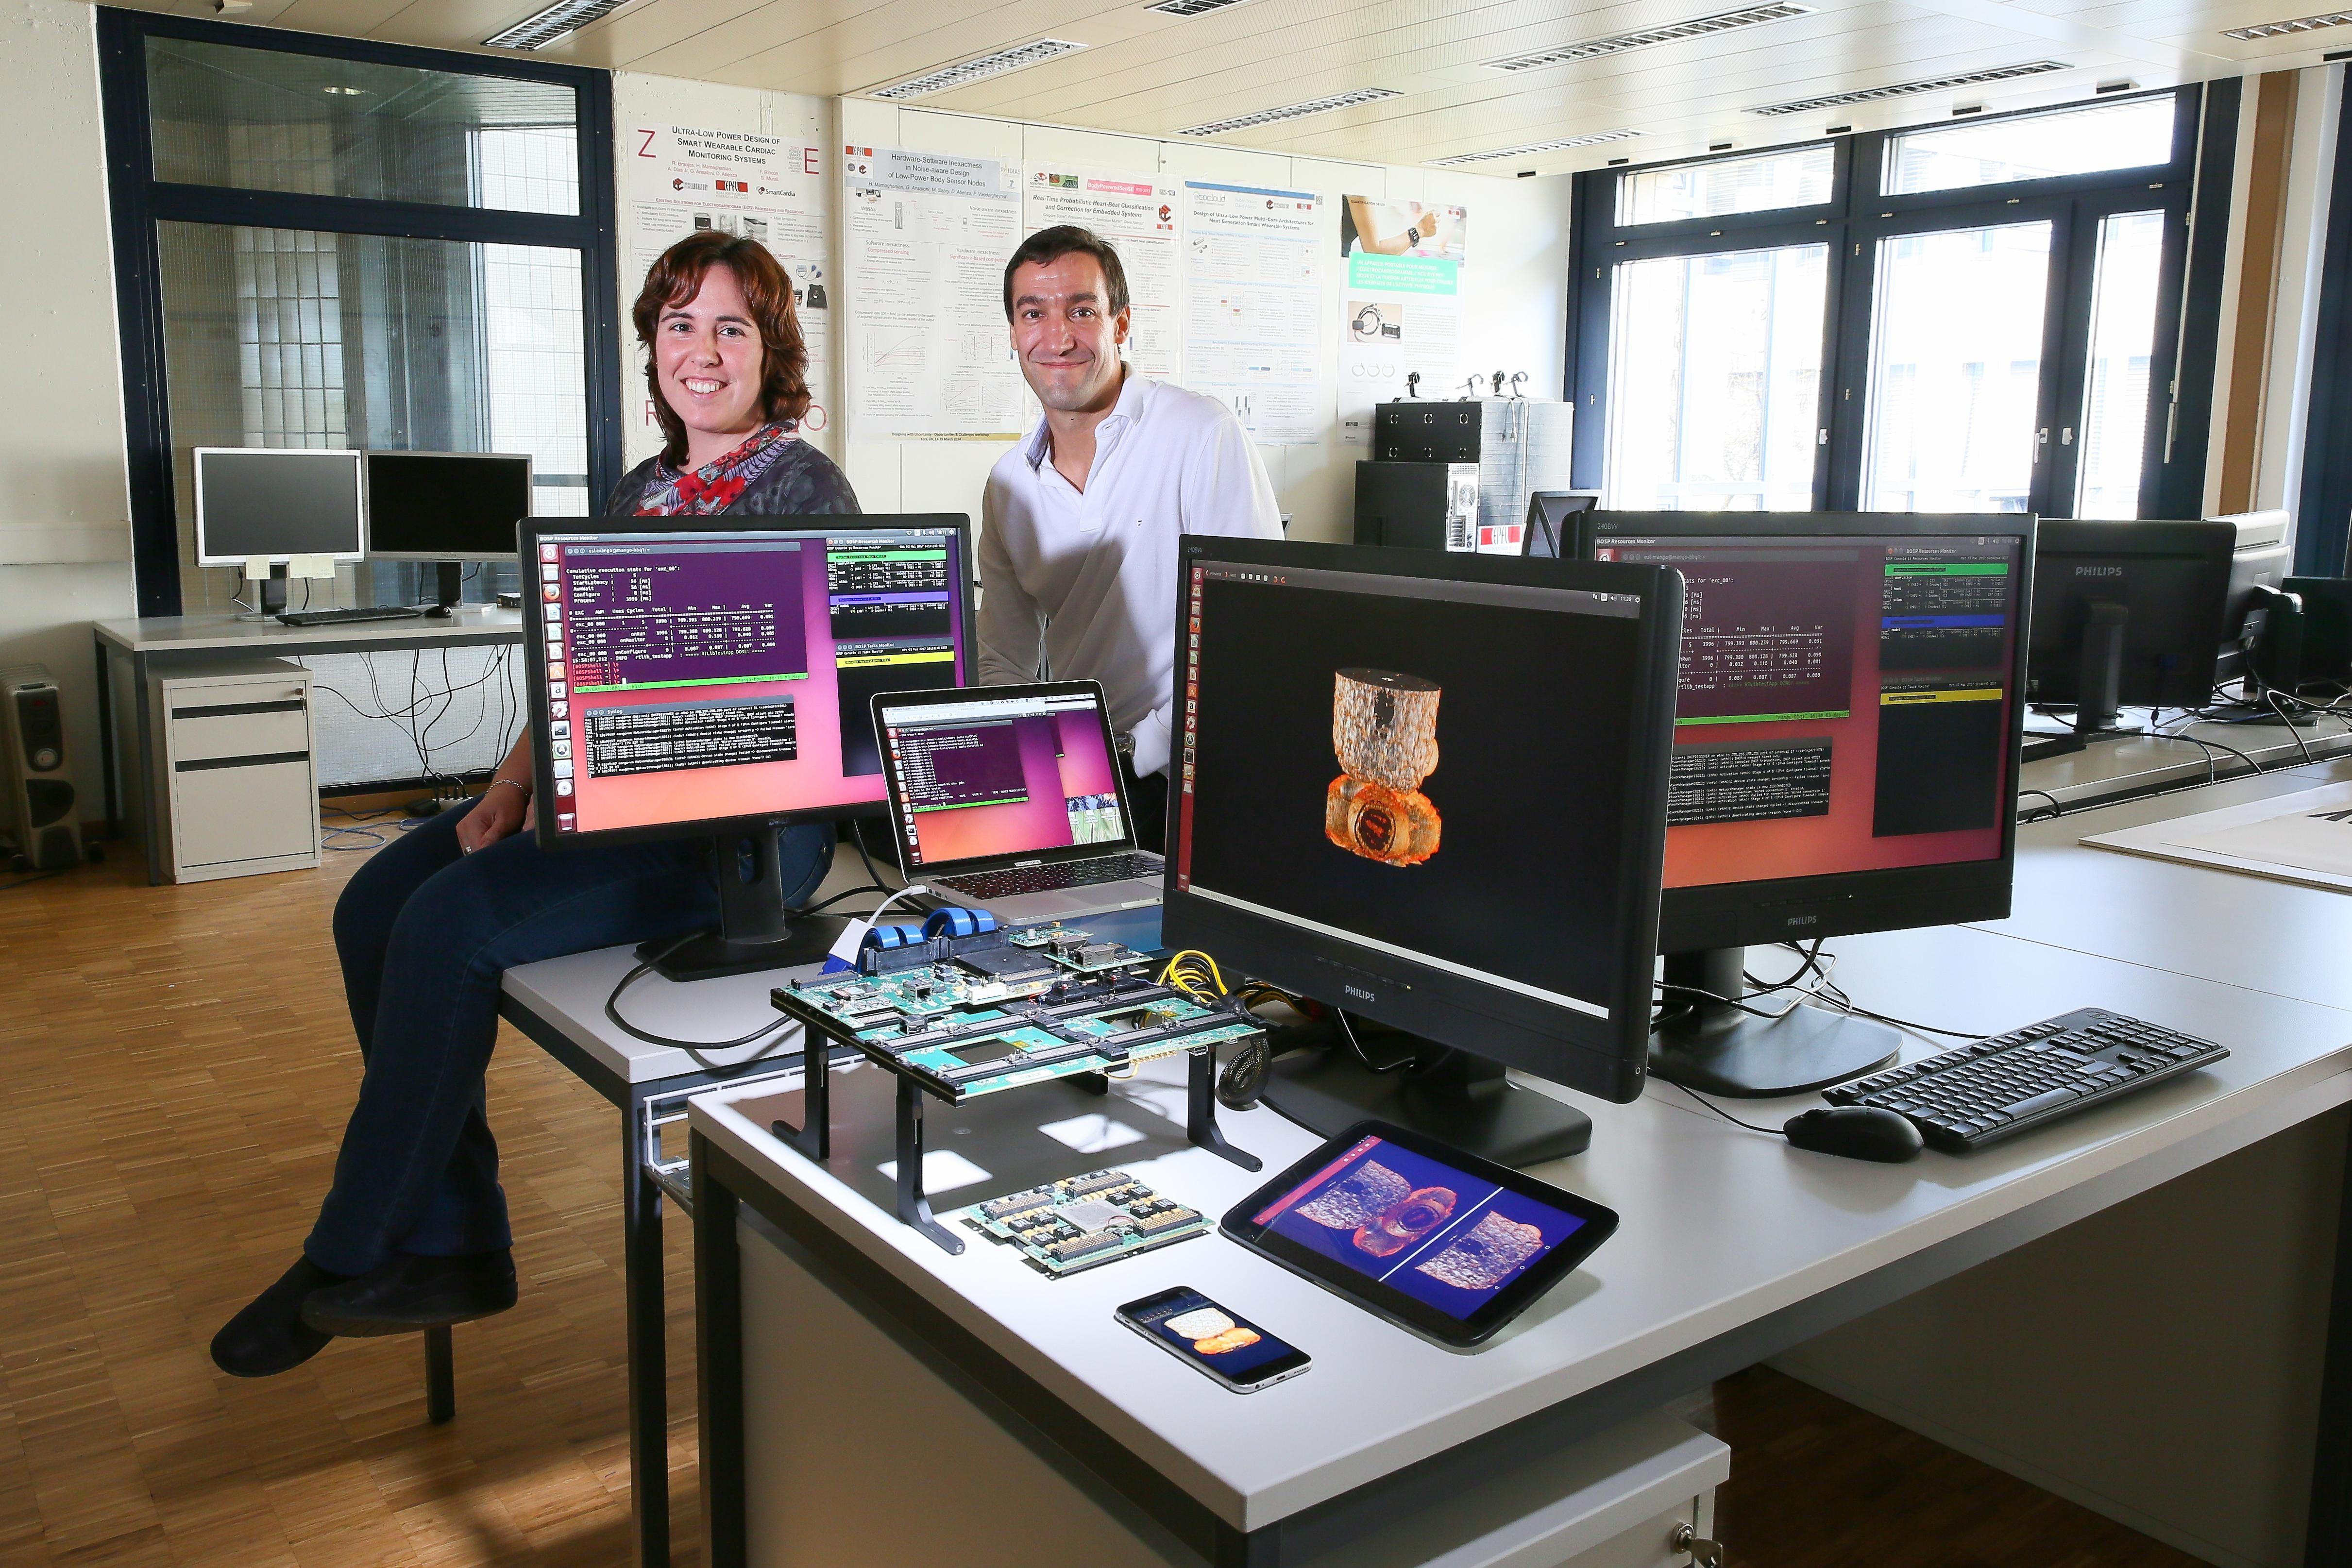 Los investigadores suizos que desafían los límites del streaming. © EPFL / Alain Herzog